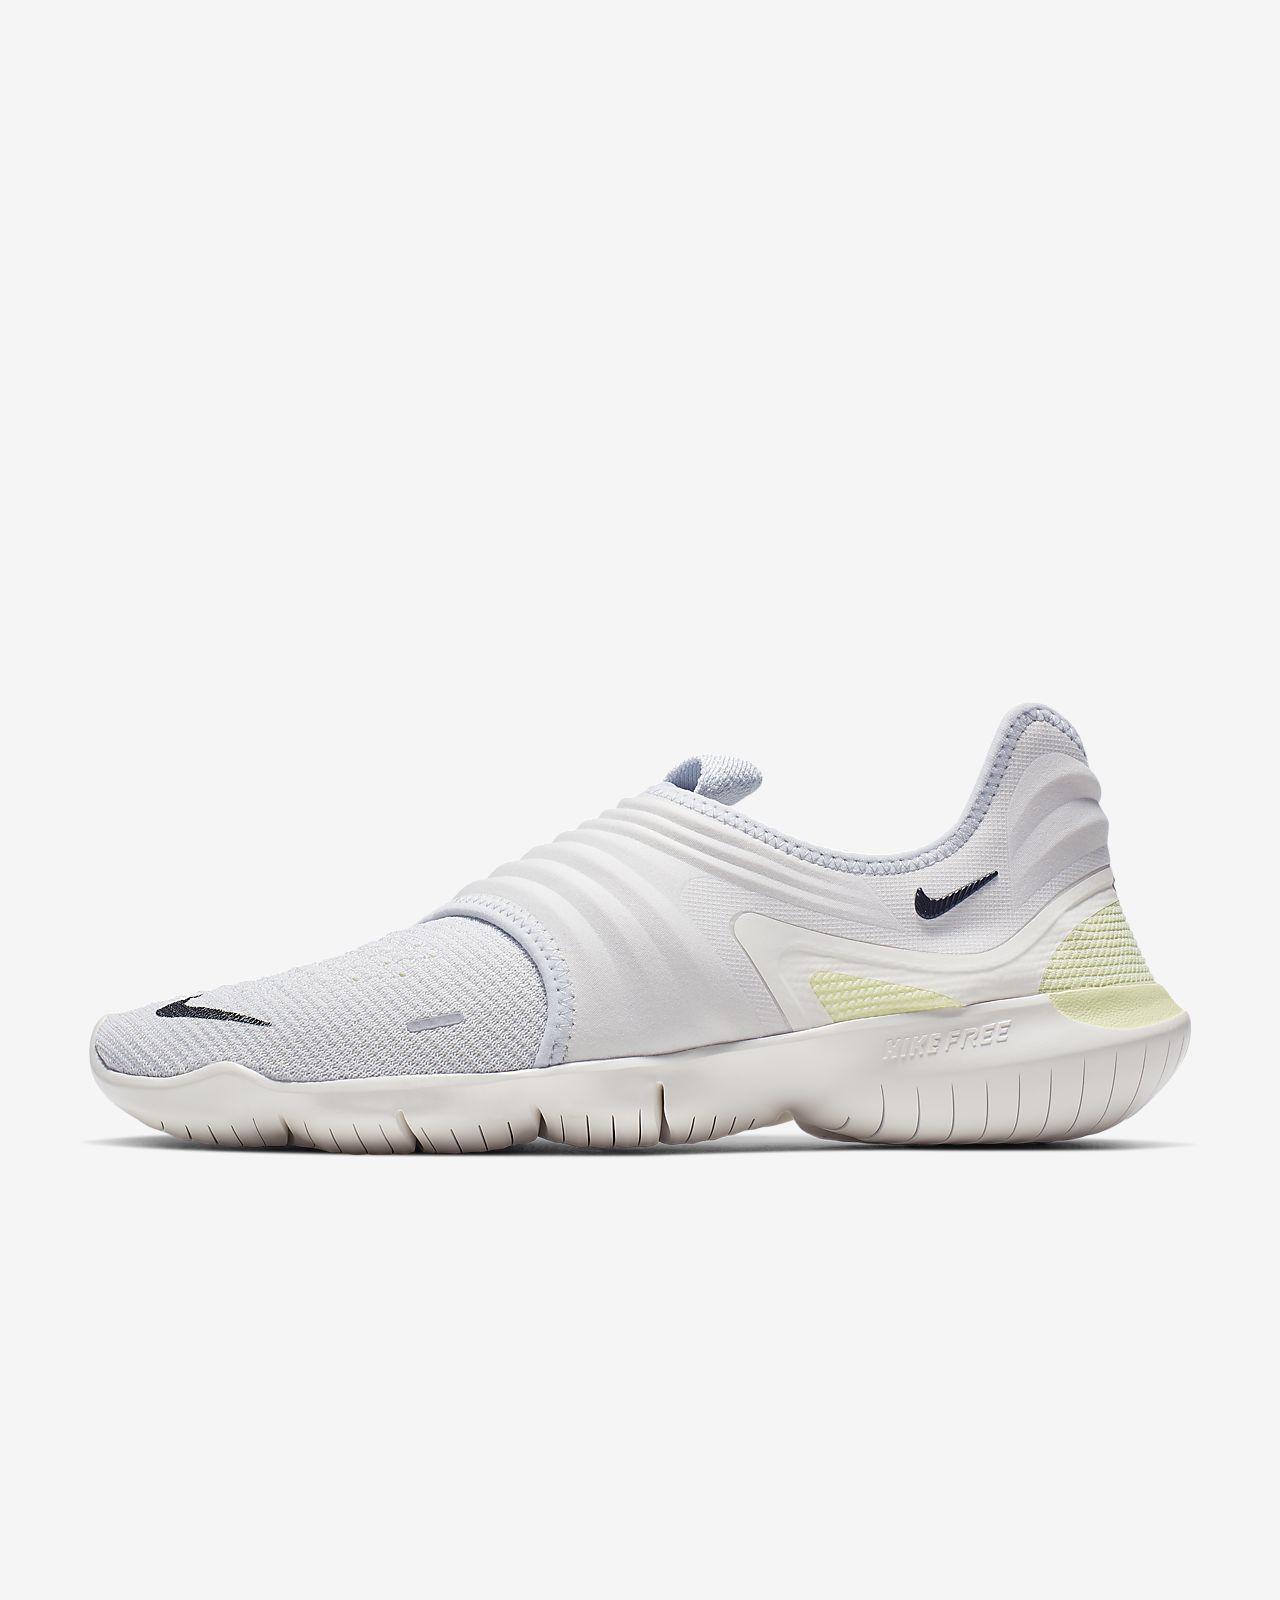 708bf272da Nike Free RN Flyknit 3.0 Men's Running Shoe. Nike.com IN